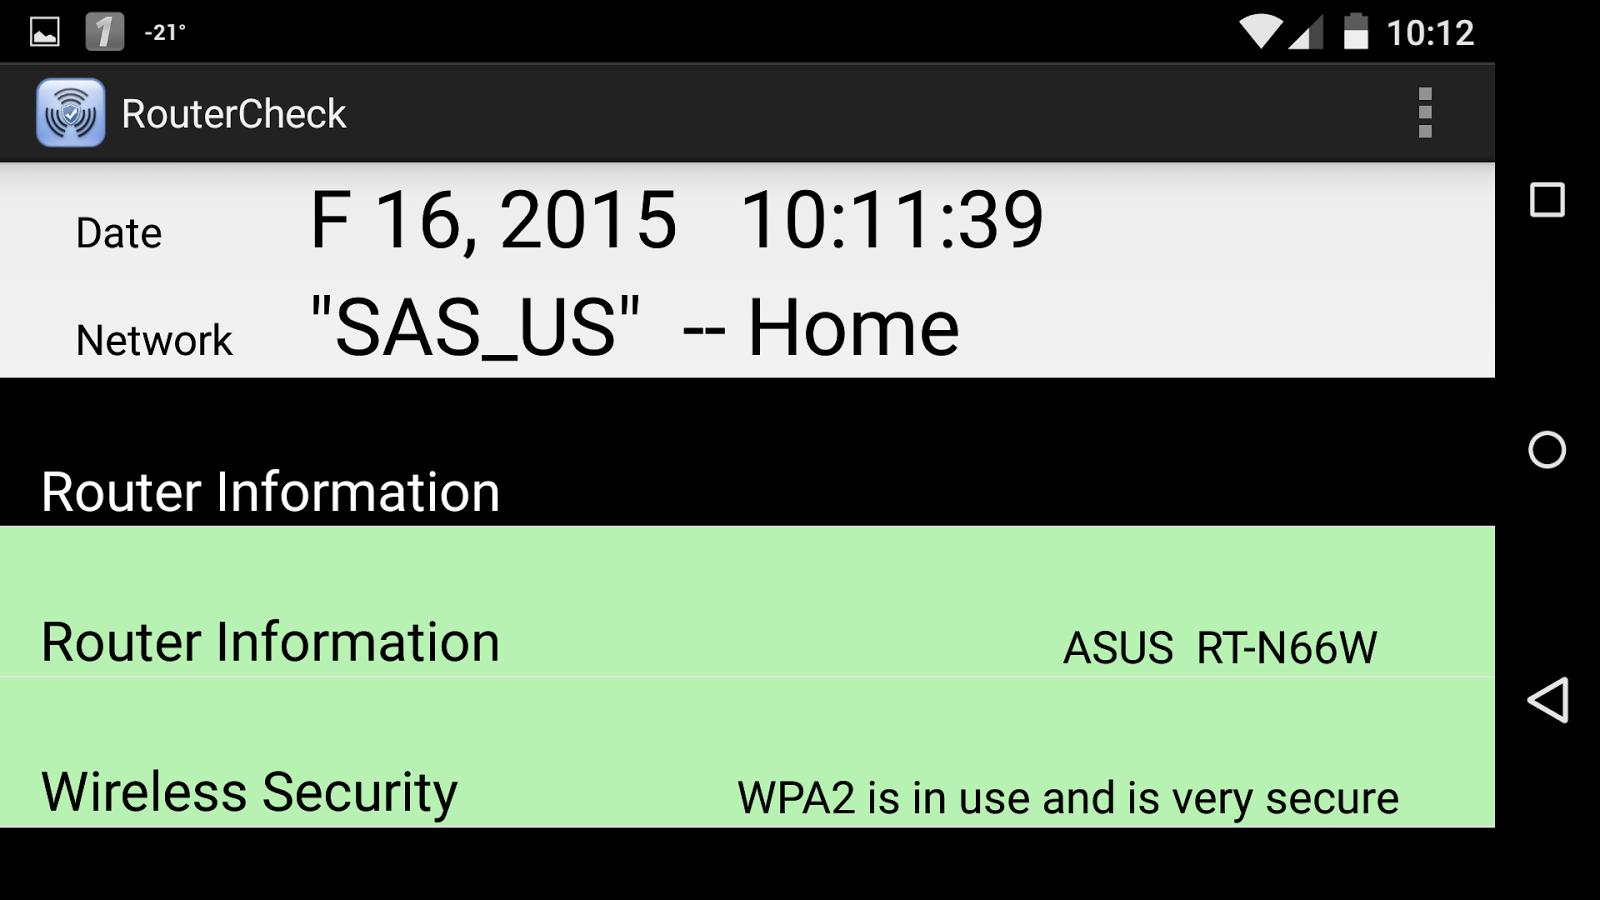 شرح كيفية غلق ثغرة WPS فى الراوتر لمنع اختراق الواى فاى